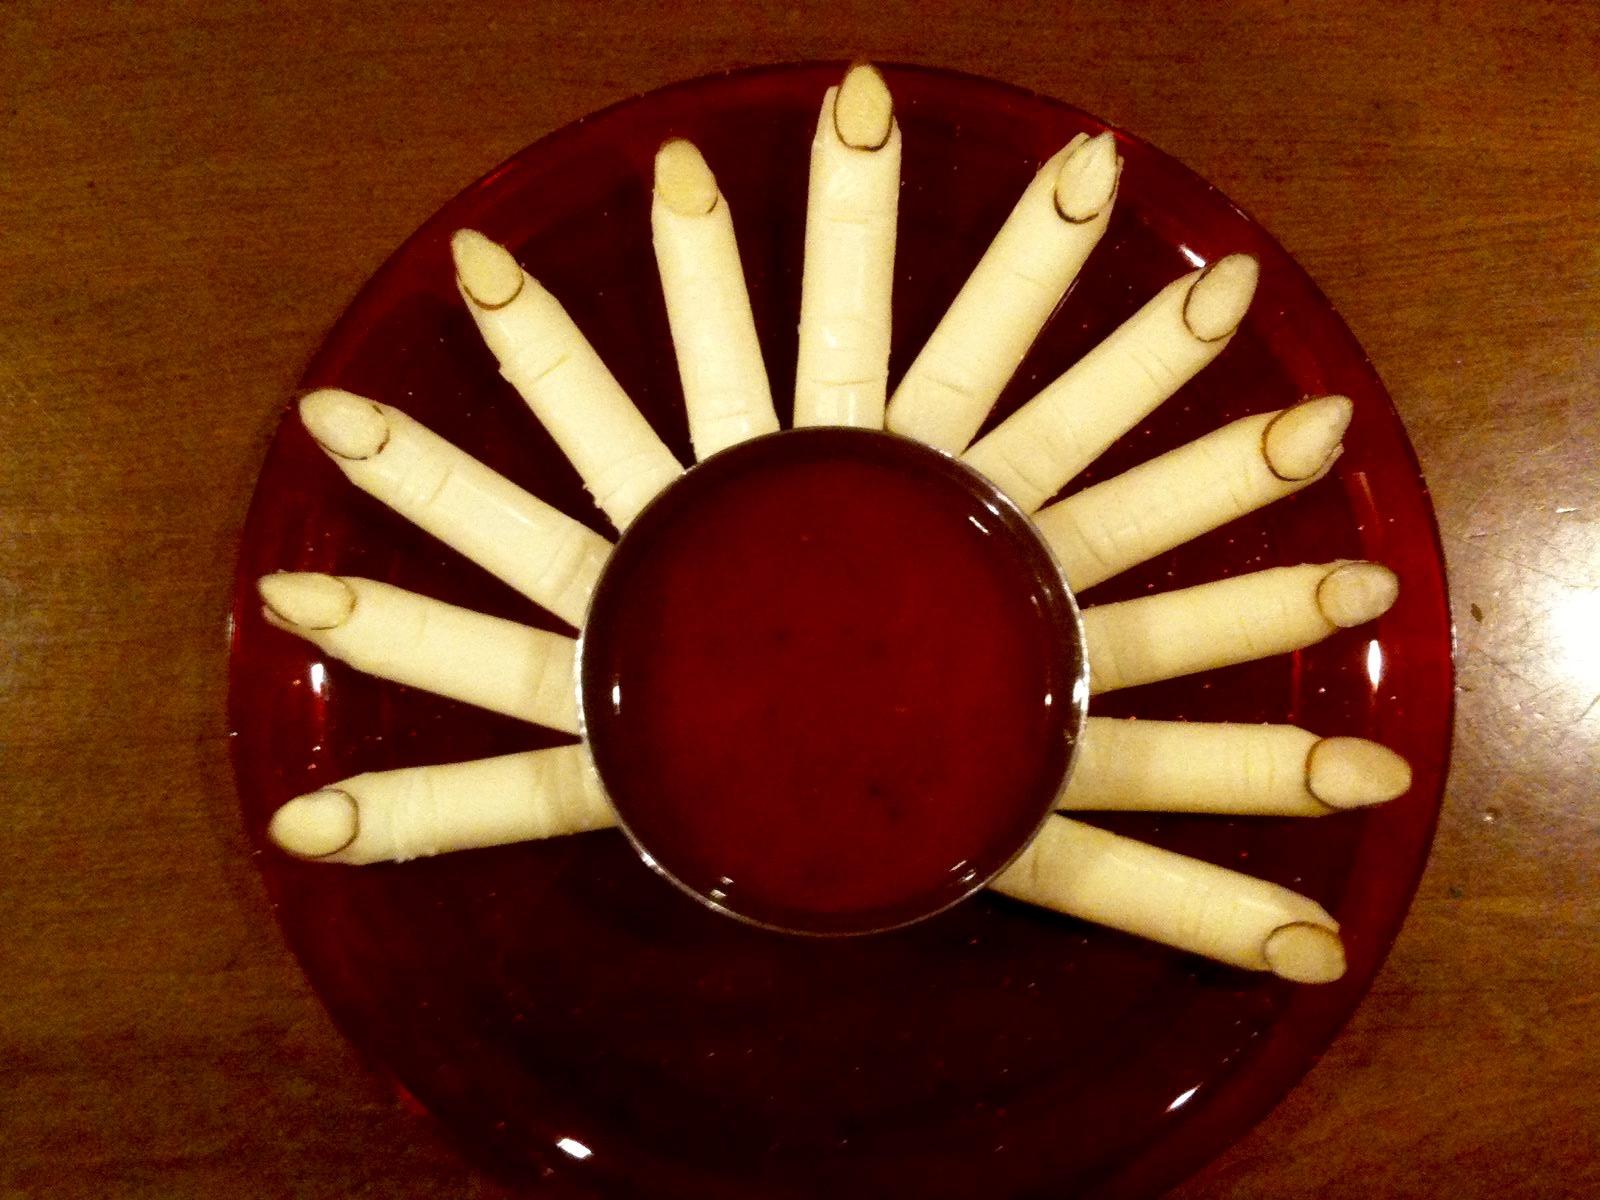 Haloween Fingers appetizer